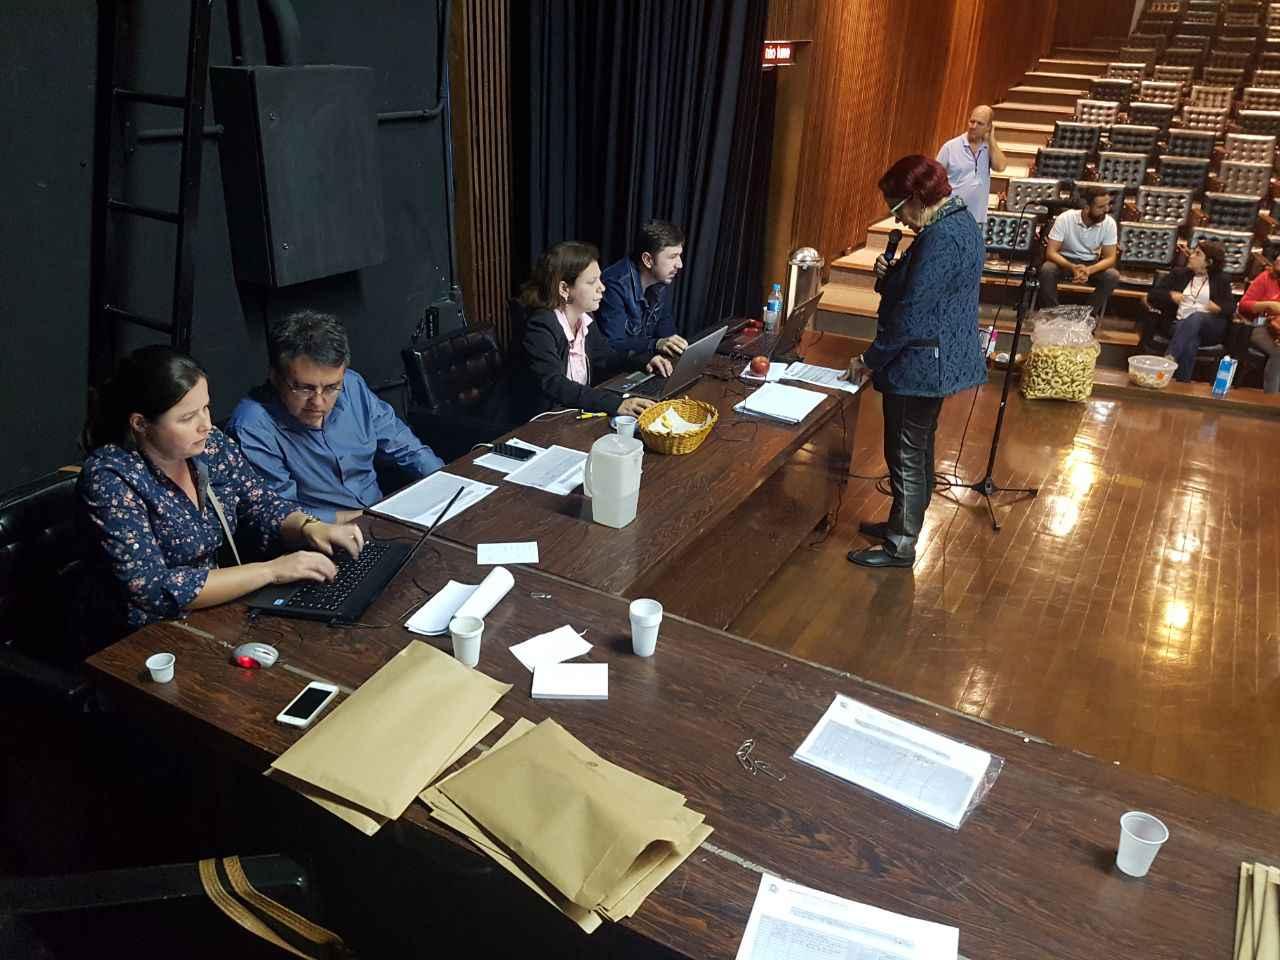 Integrantes da Comissão Eleitoral trabalharam na apuração dos votos durante a madrugada de hoje